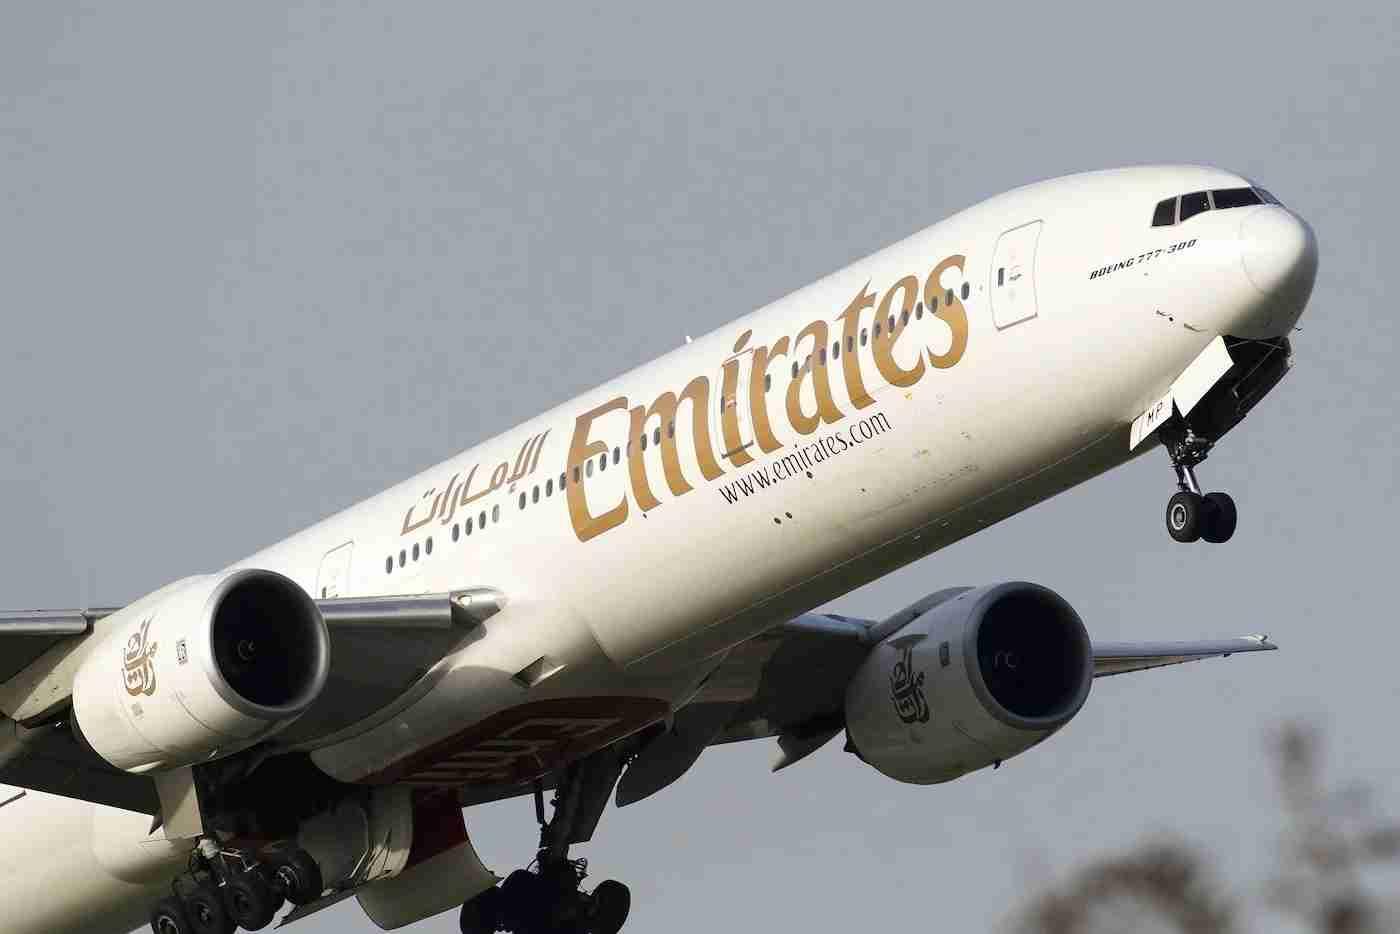 Emirates 777 Aircraft Lifting Off